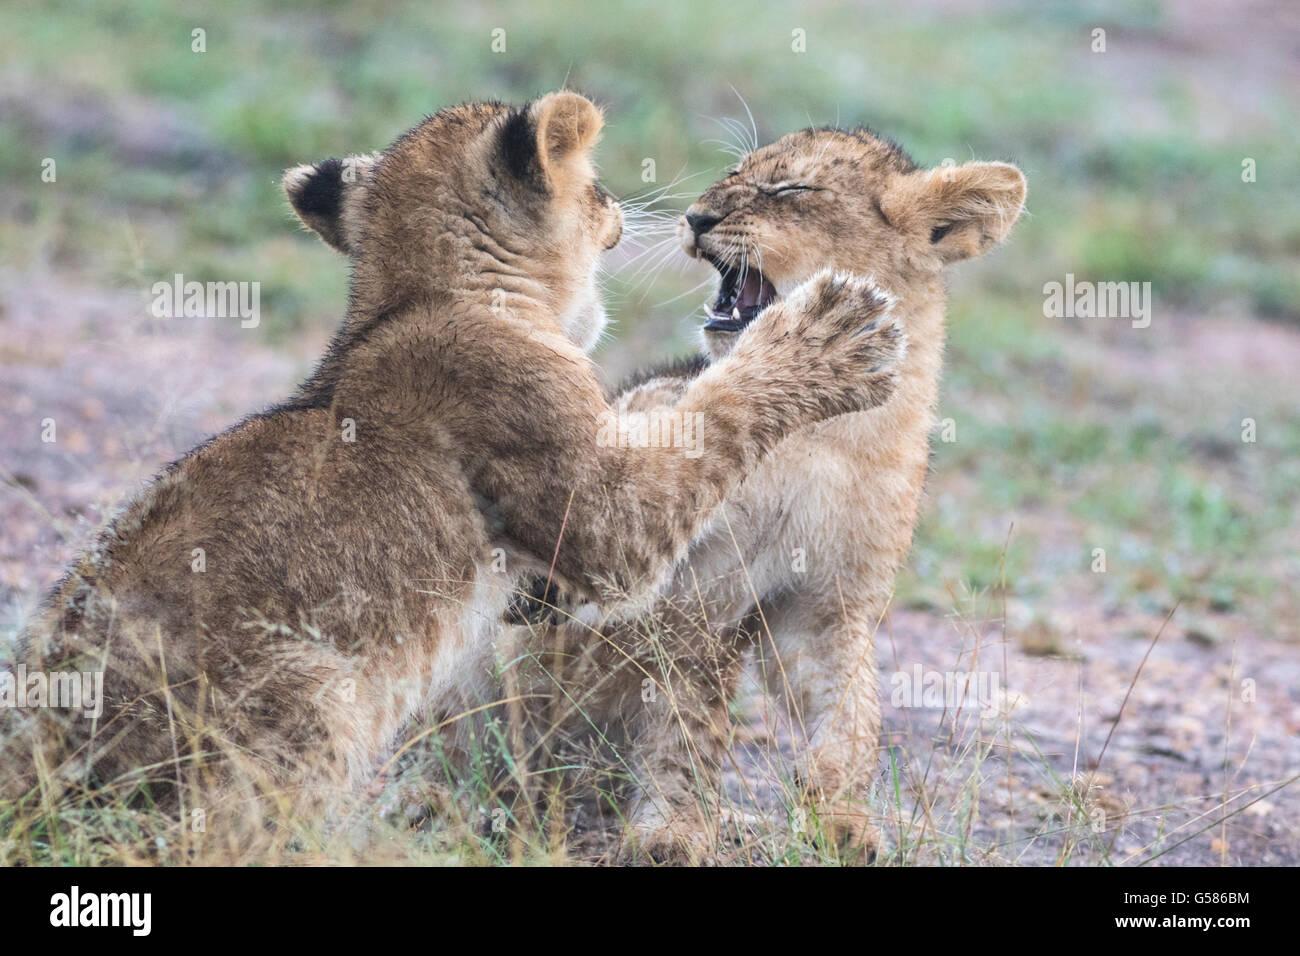 Two lion cubs fighting or playing, Masai Mara, Kenya, Africa - Stock Image